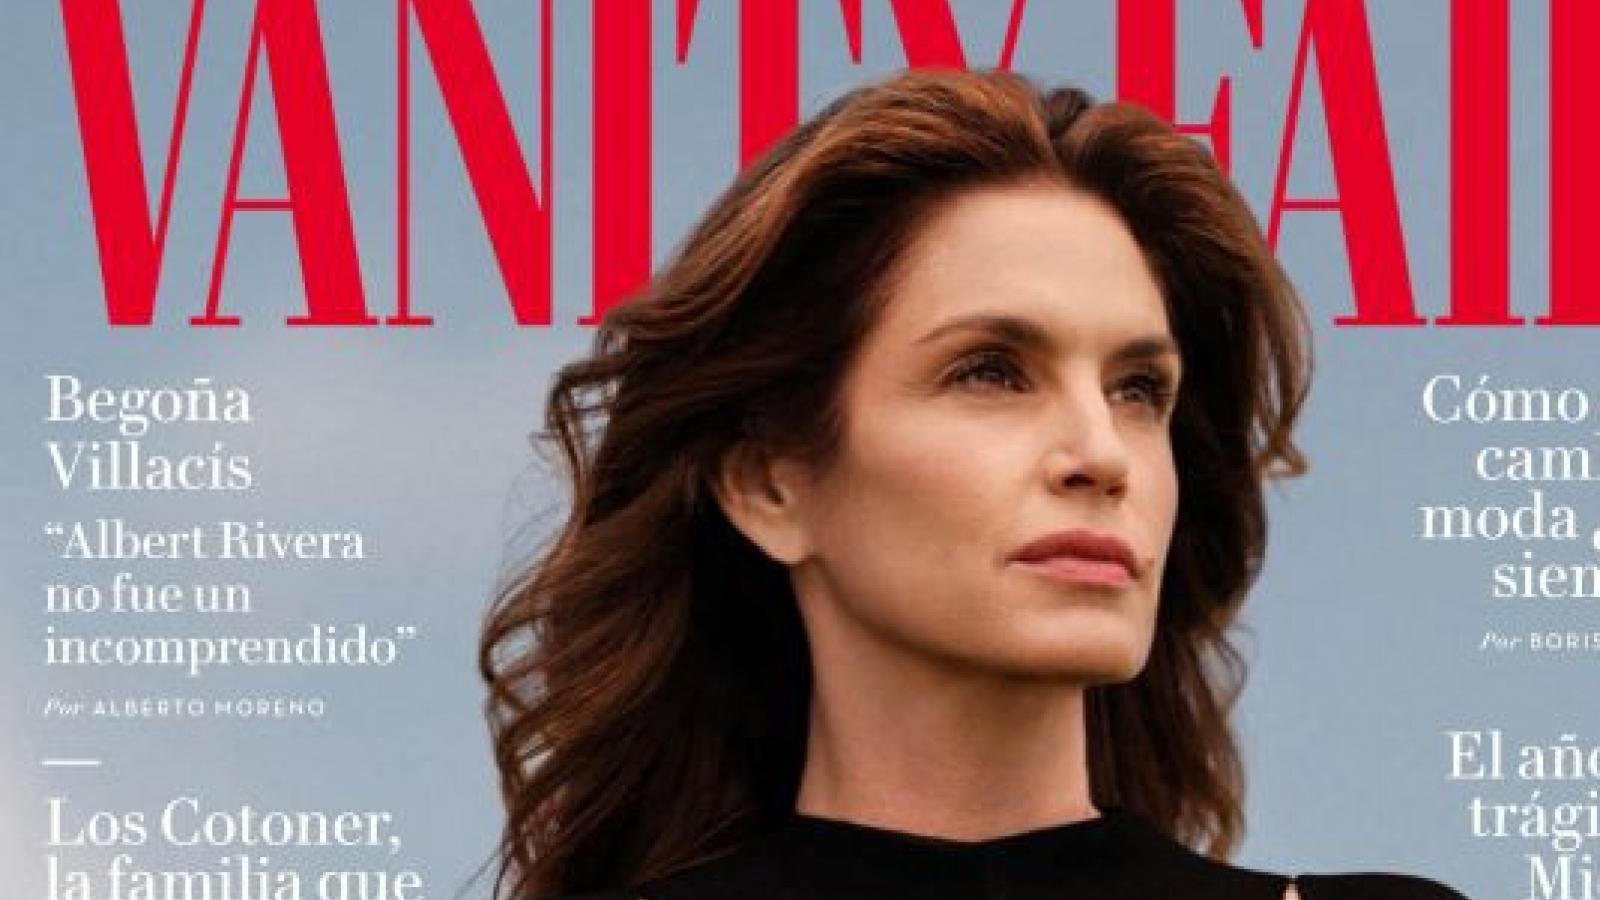 Siêu mẫu Cindy Crawford đẹp mặn mà trên trang bìa tạp chí